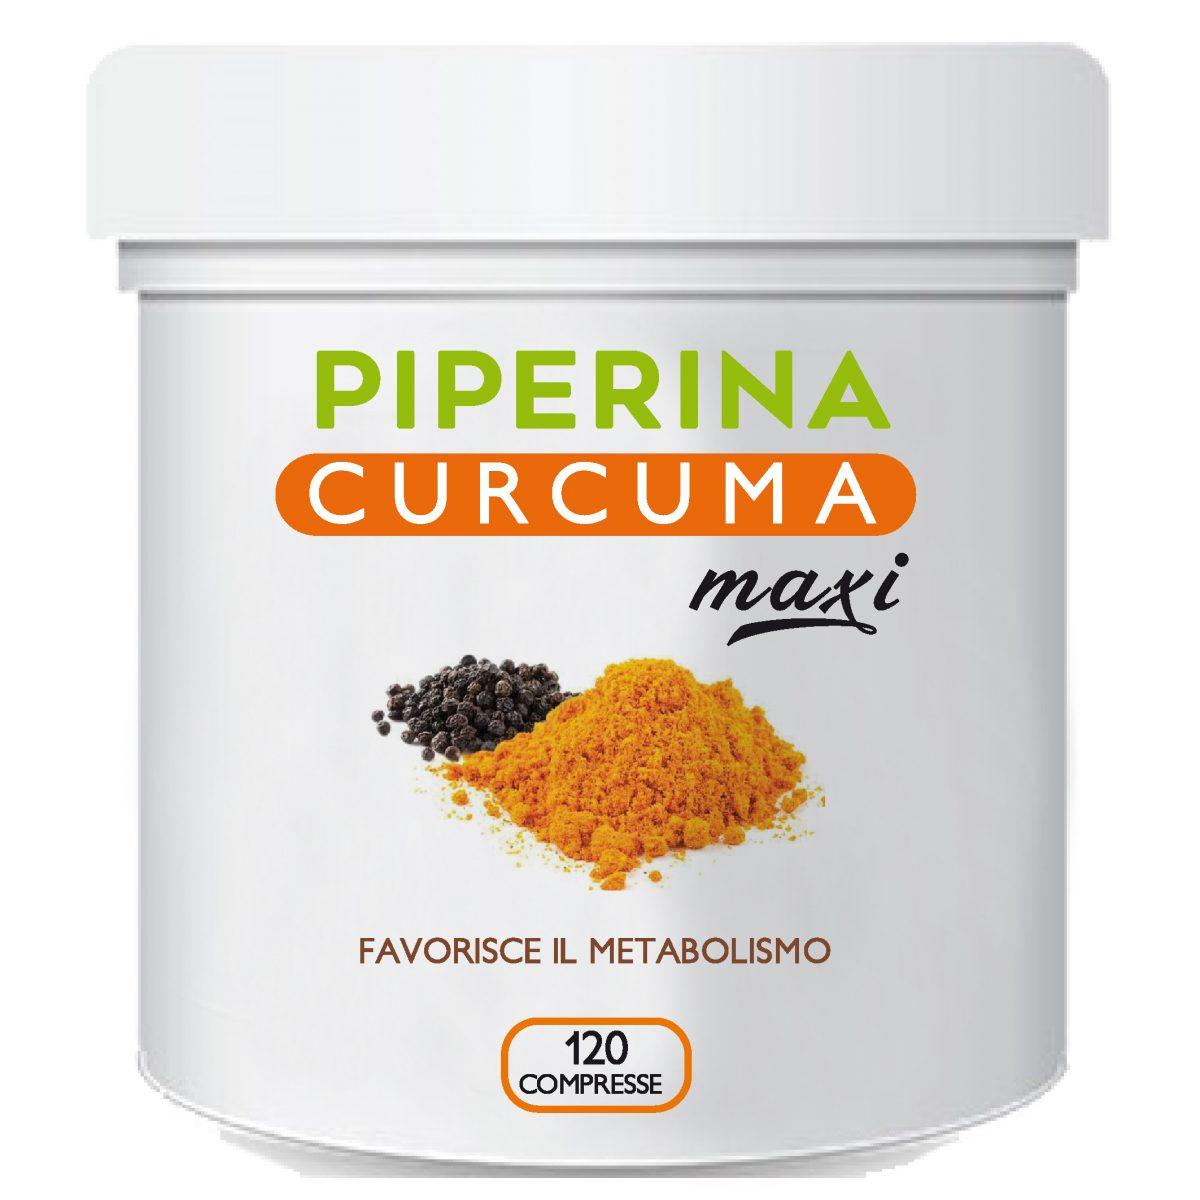 Piperina Curcuma Maxi perchè è la più venduta?